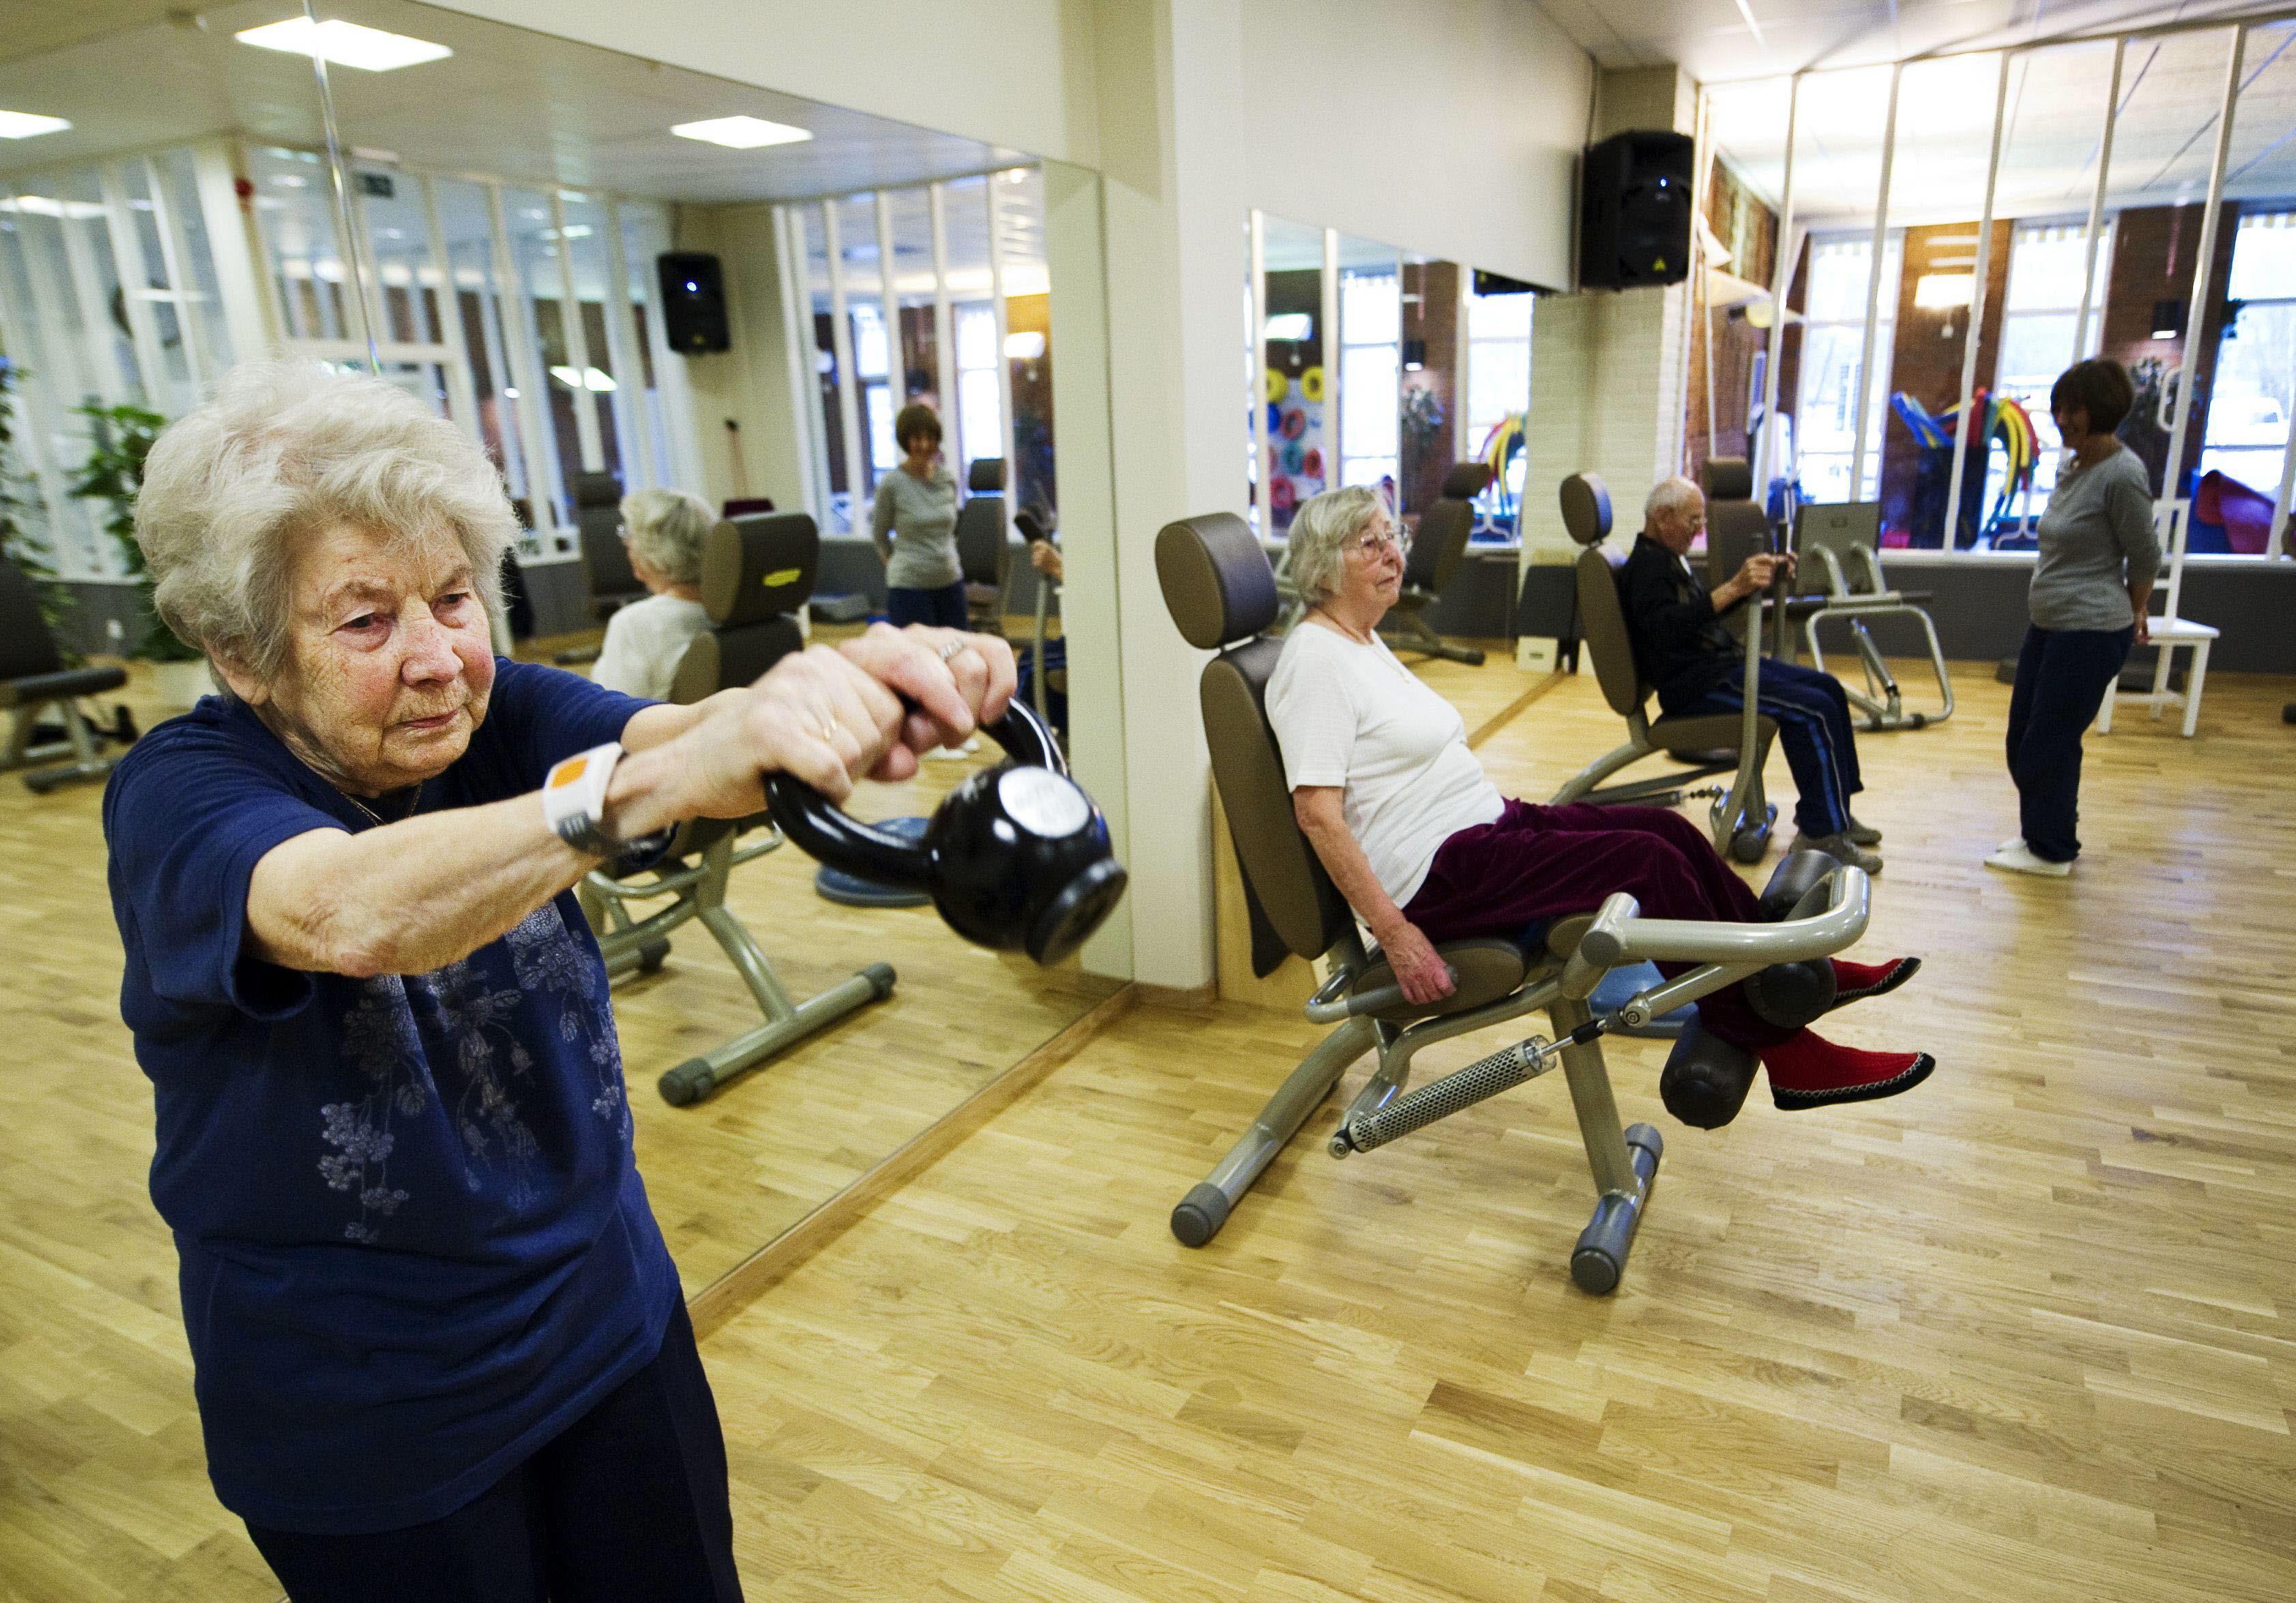 La mitad de los ancianos pierde masa muscular y fuerza